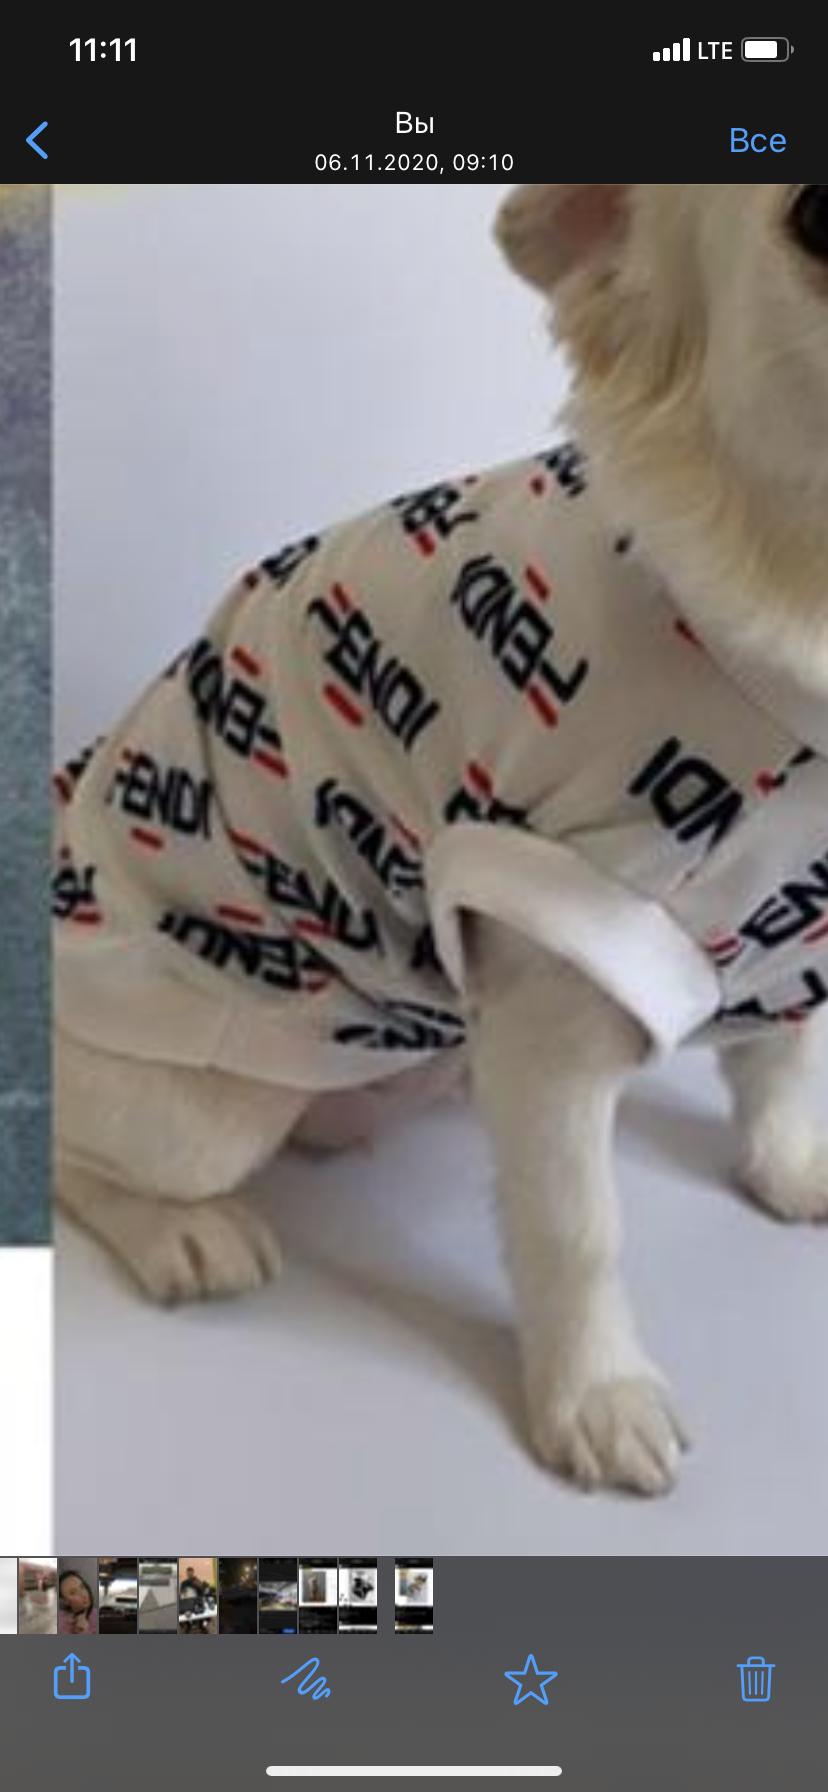 <p>Добрый день!</p>  <p>Закупаем одежду, обувь, аксессуары для собак мелких пород, gucci, Chanel, kenzo, Burberry. Объем закупа&nbsp;15000-50000 рублей. Просим написать на почту или Whats App т.к на звонки не всегда отвечаем.</p>